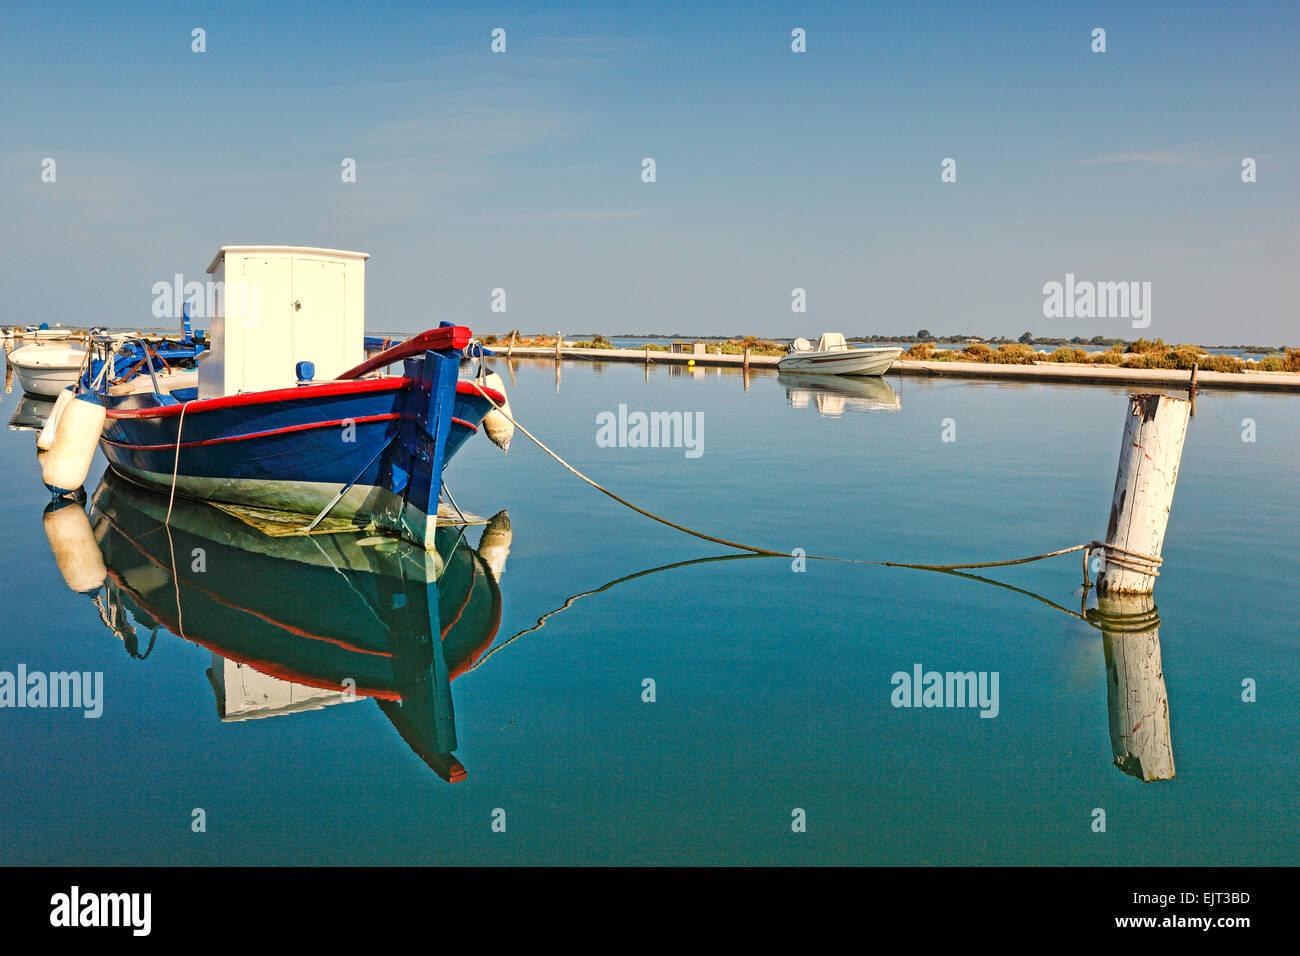 Un bateau de pêche amarré dans les eaux peu profondes de la ville de Lefkada, Grèce Photo Stock